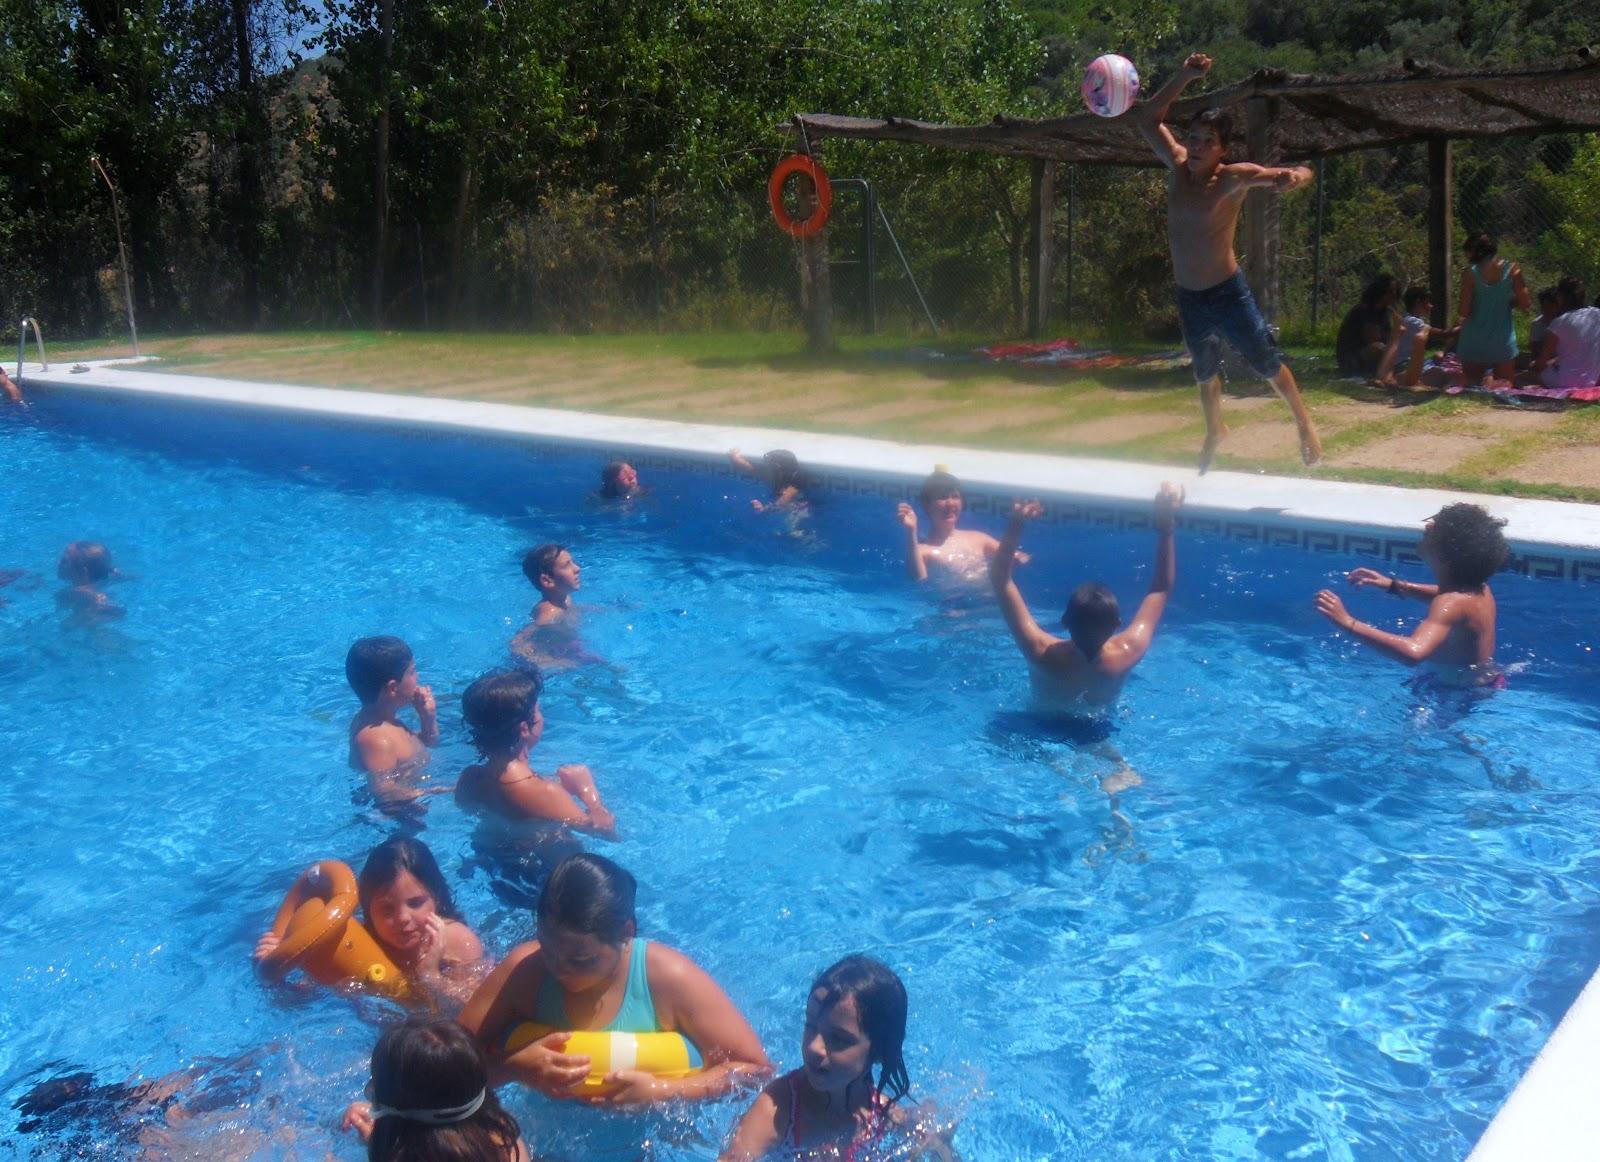 Centro de naturaleza el remolino disfrutando de la piscina for Follando el la piscina